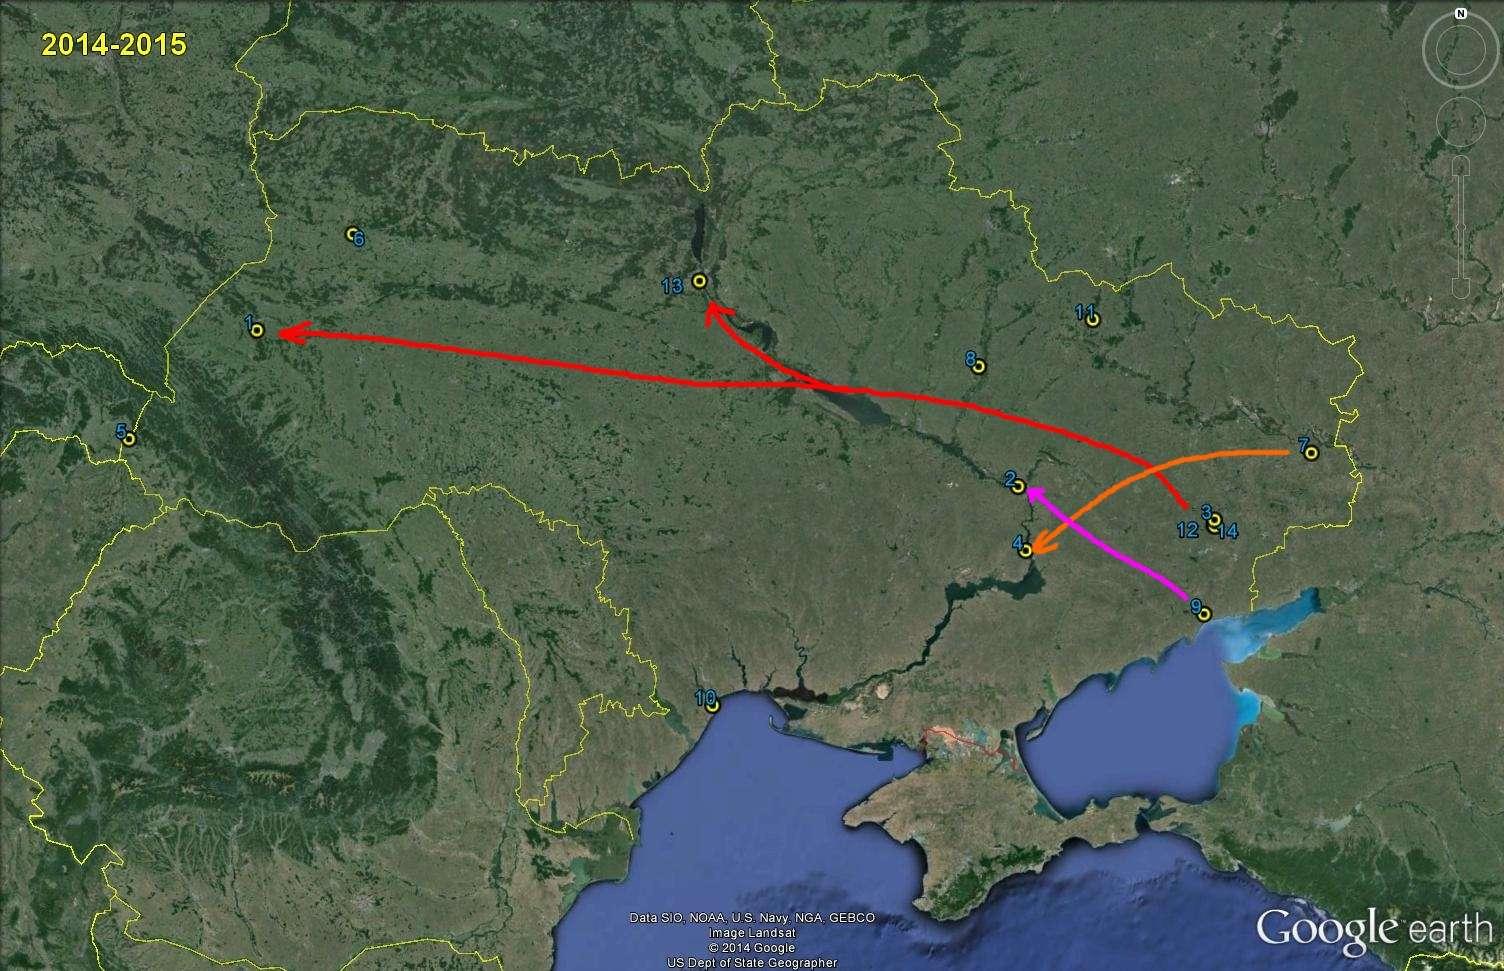 Petite géographie du football européen (championnat 2013-2014... et suivants) - Page 3 Ukrain15